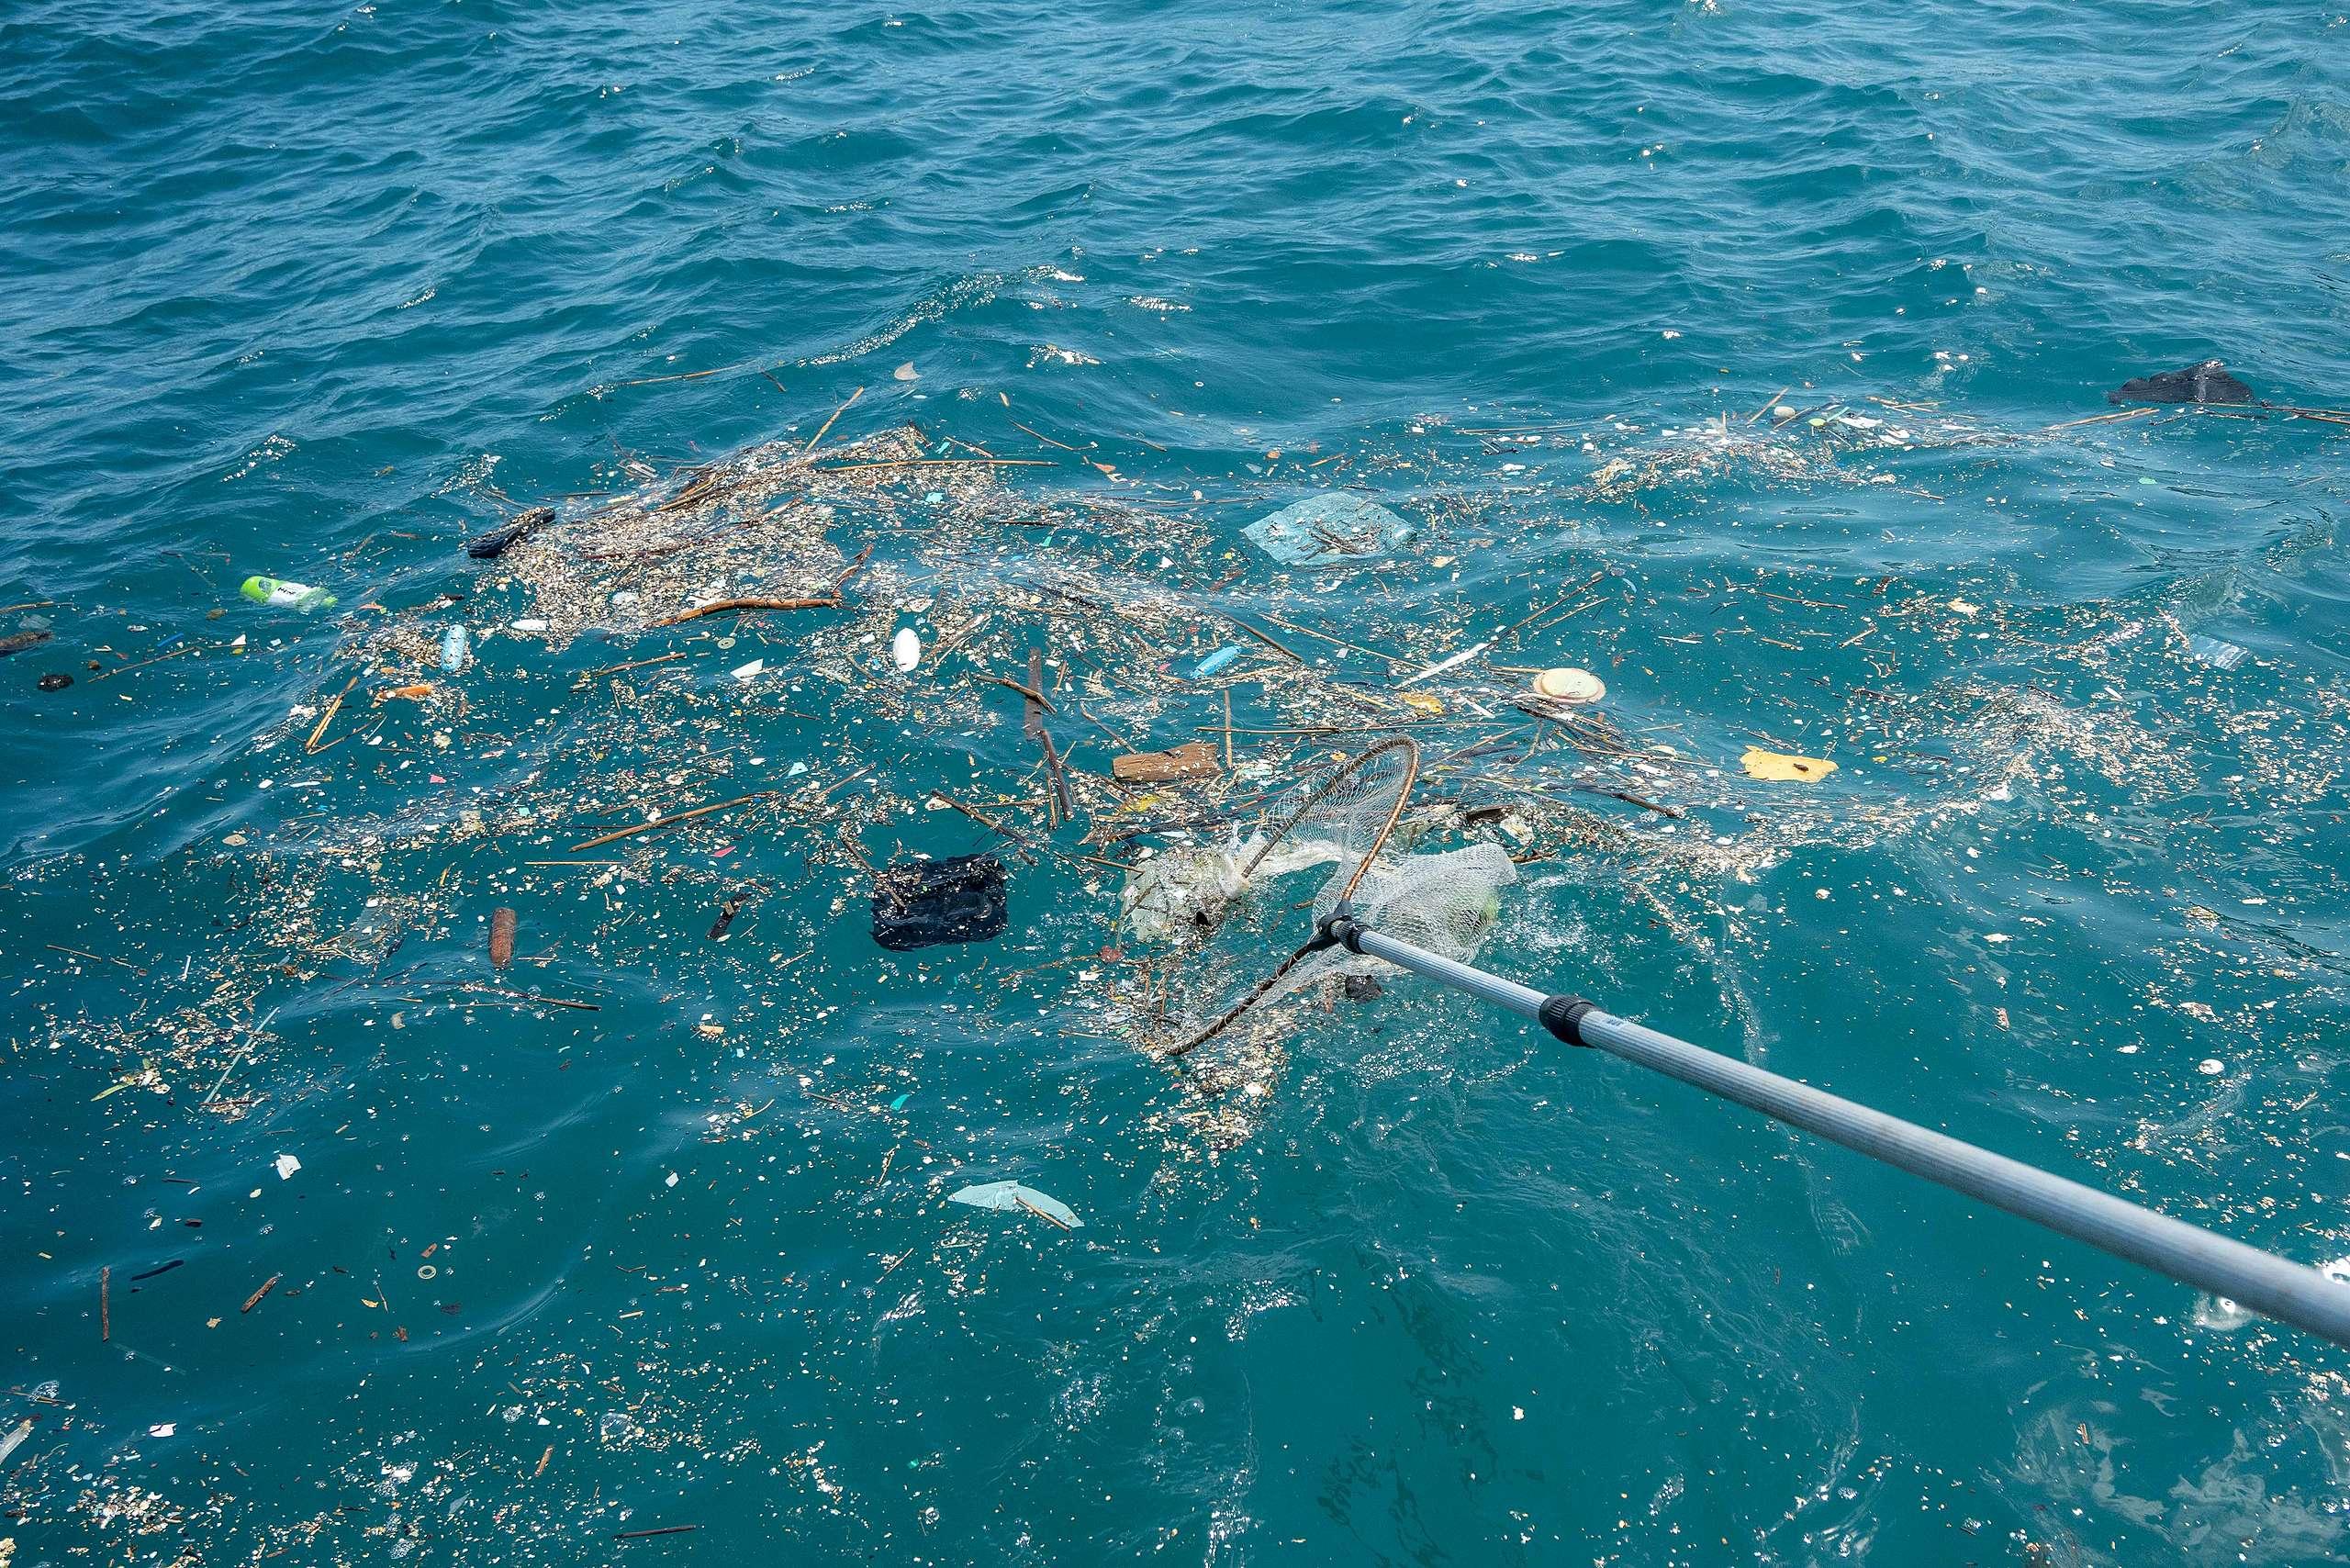 漁民除了載送潛水志工清除的海底廢棄物,也在船上撈起海面上漂浮的垃圾。